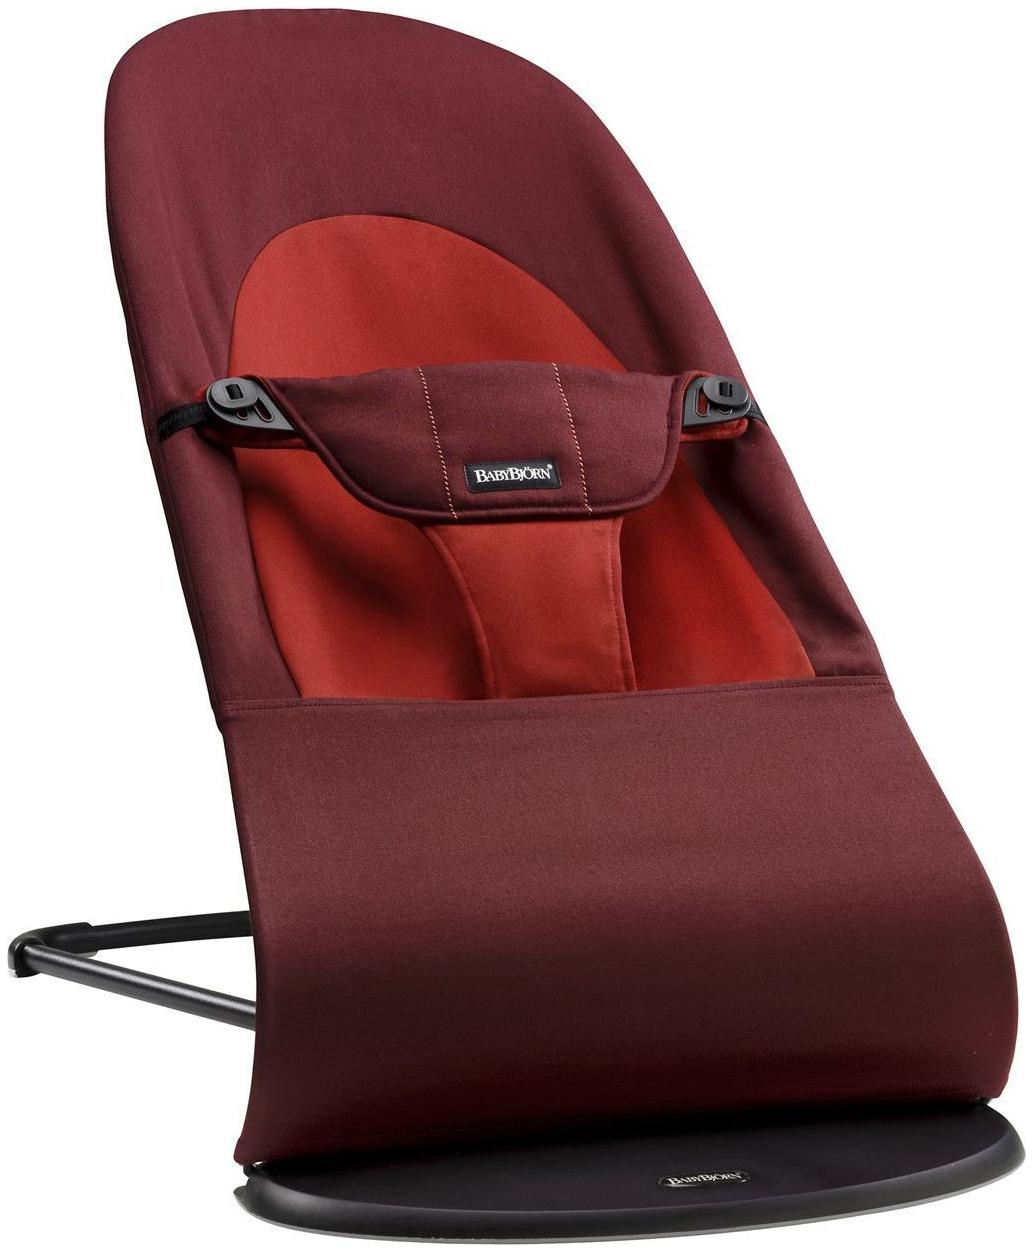 Шезлонг-кресло BabyBjorn Balance Sof терракотовый/оранжевый (0050.24)